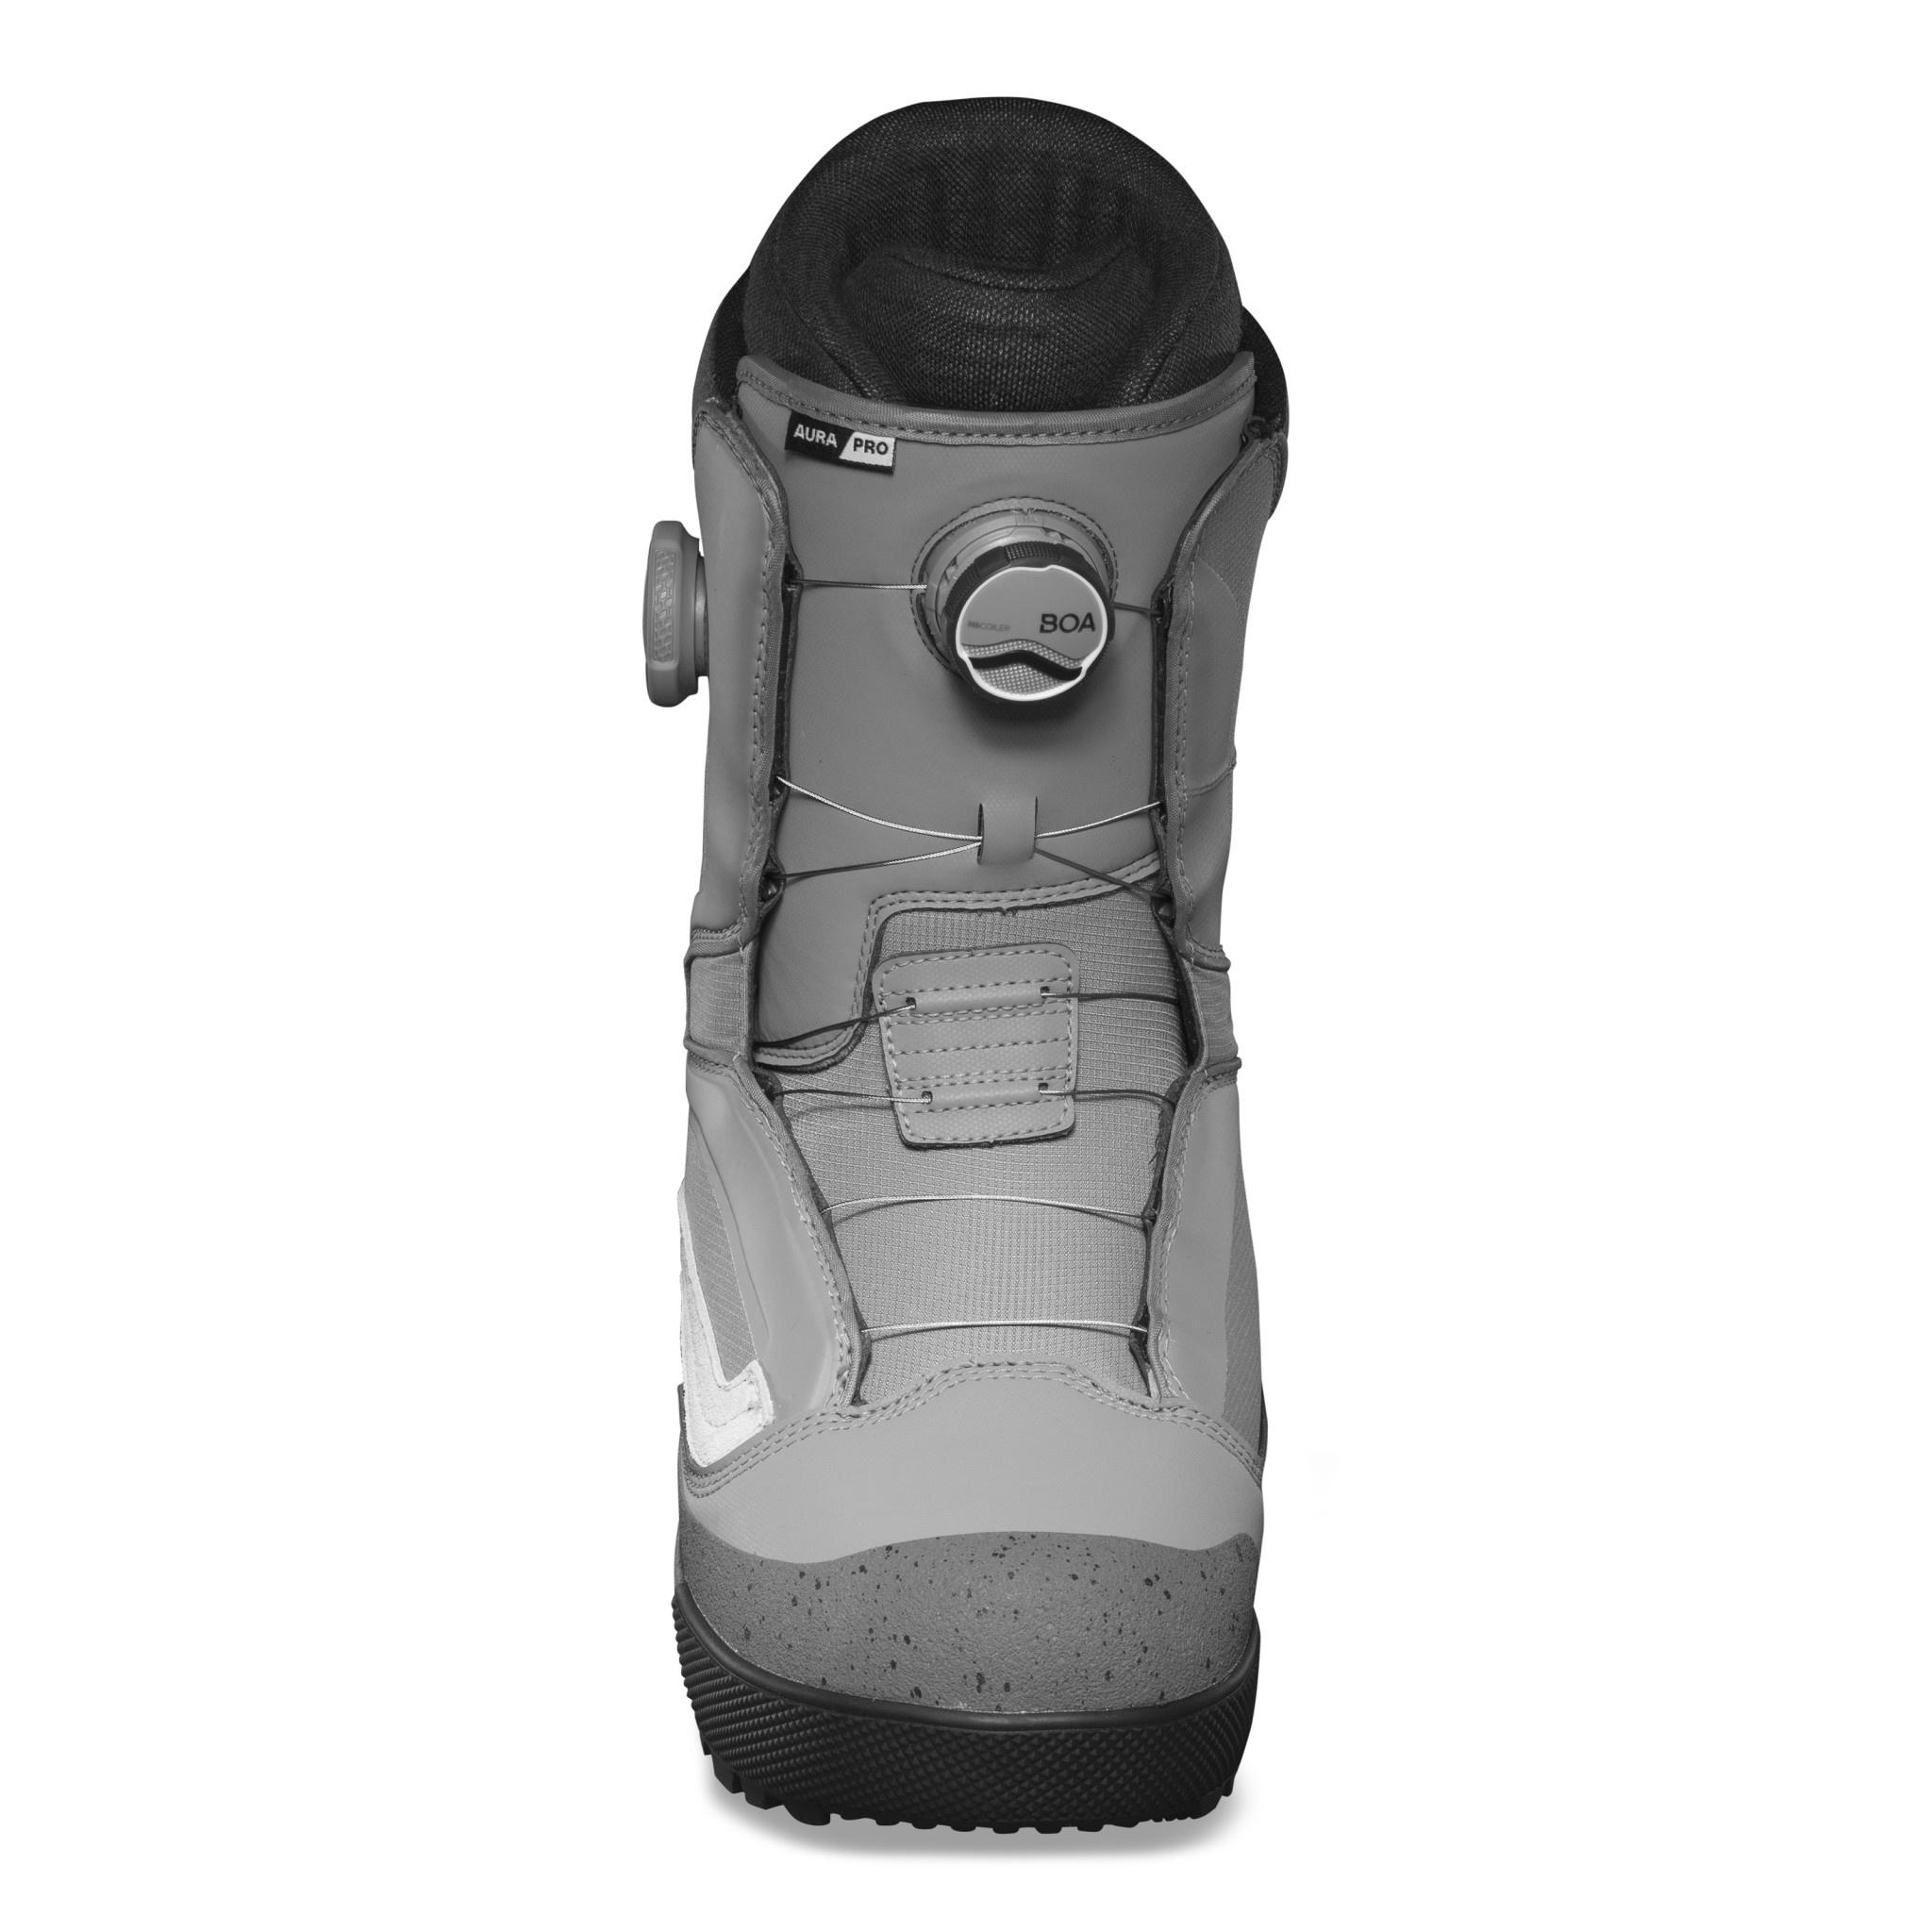 Vans Vans Men's Aura Pro Snowboard Boot (2021)